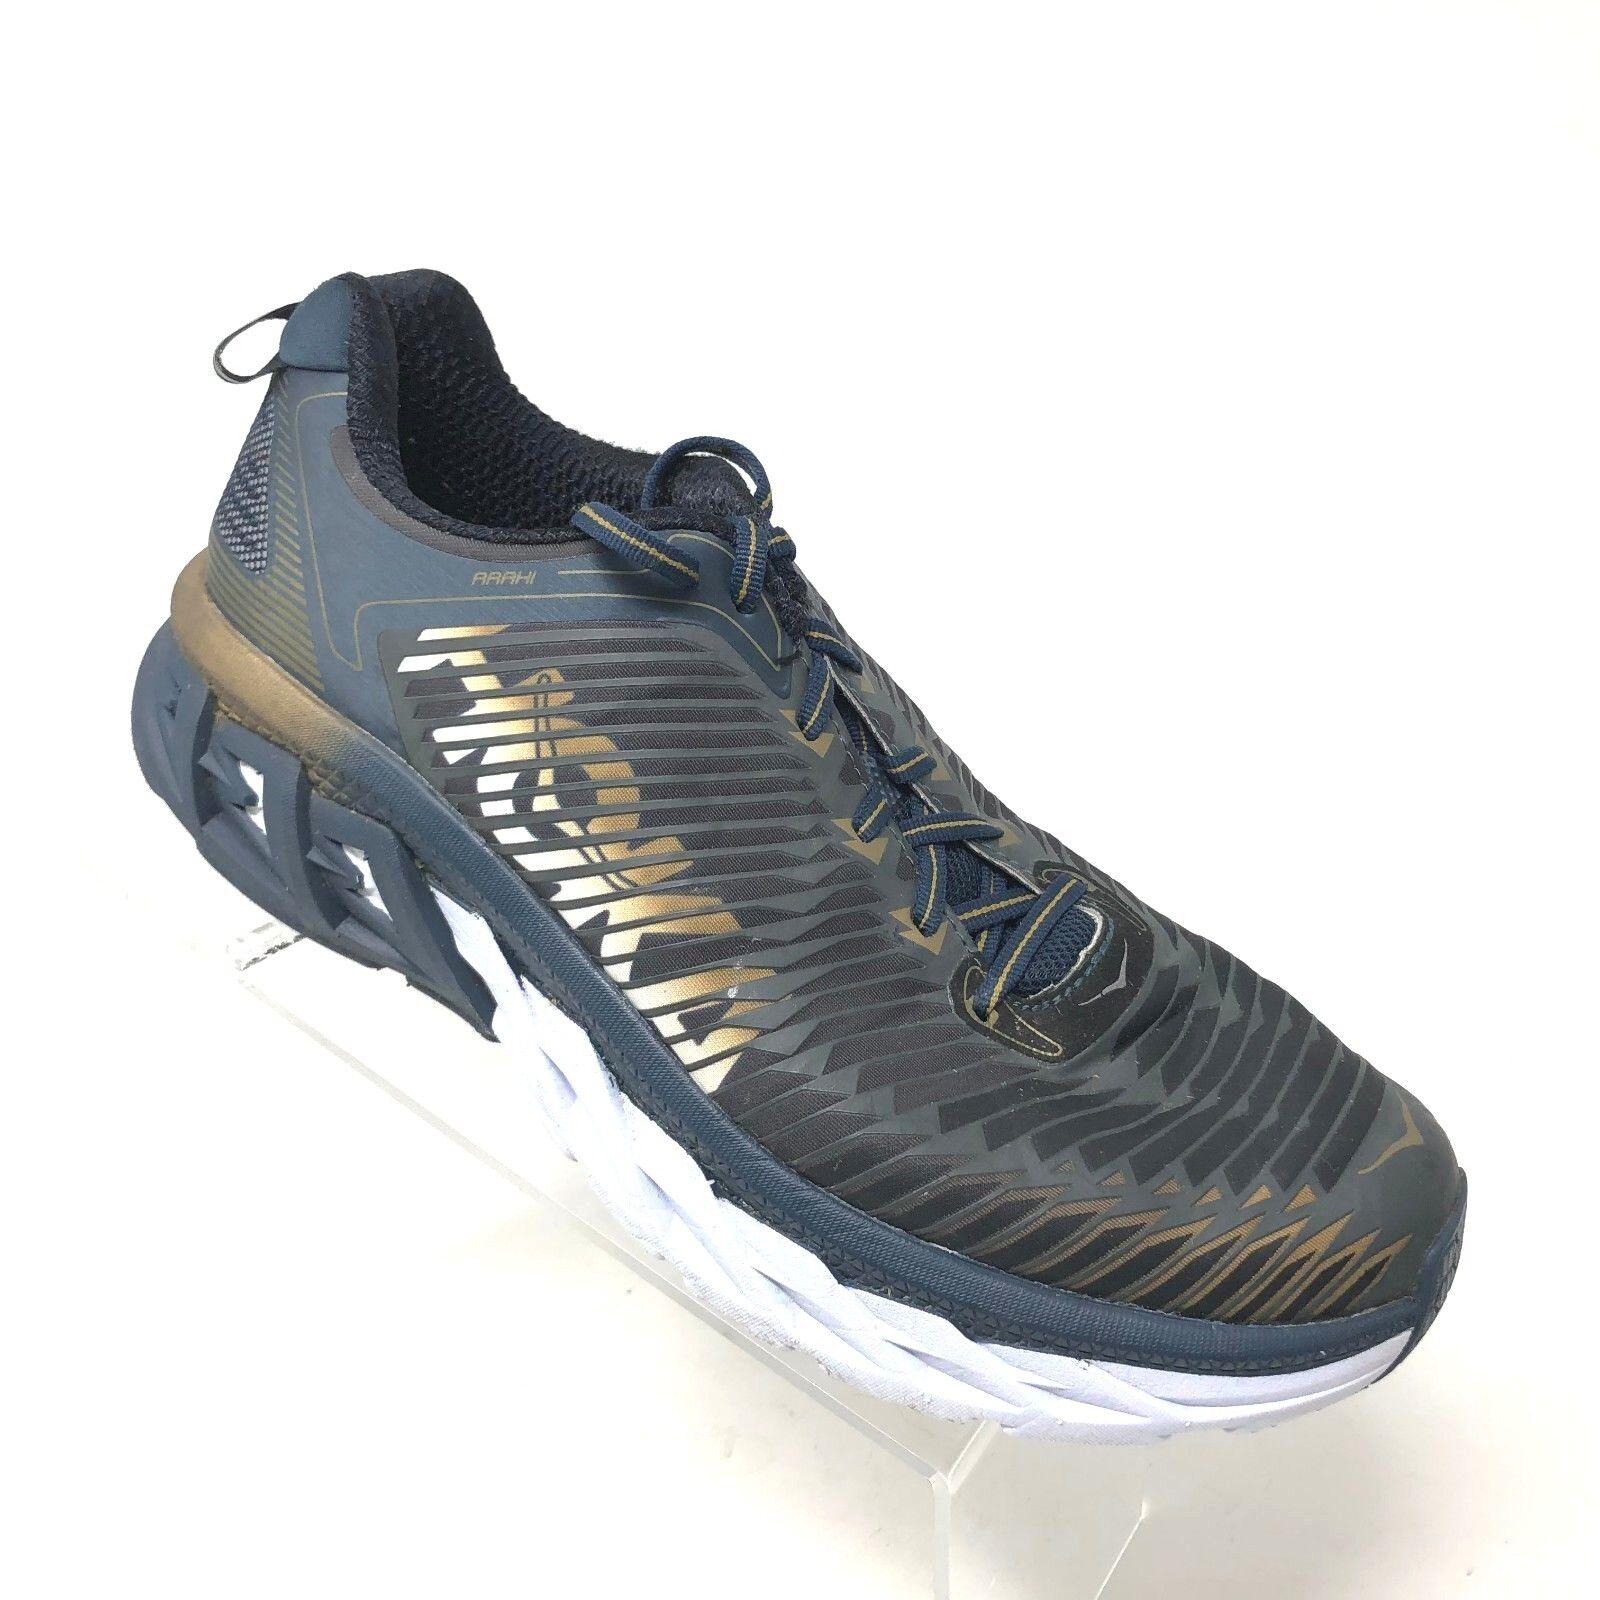 Hoka Arahi Road Correr Zapatillas Con Cordones Calzado Atlético oro gris Para Hombre